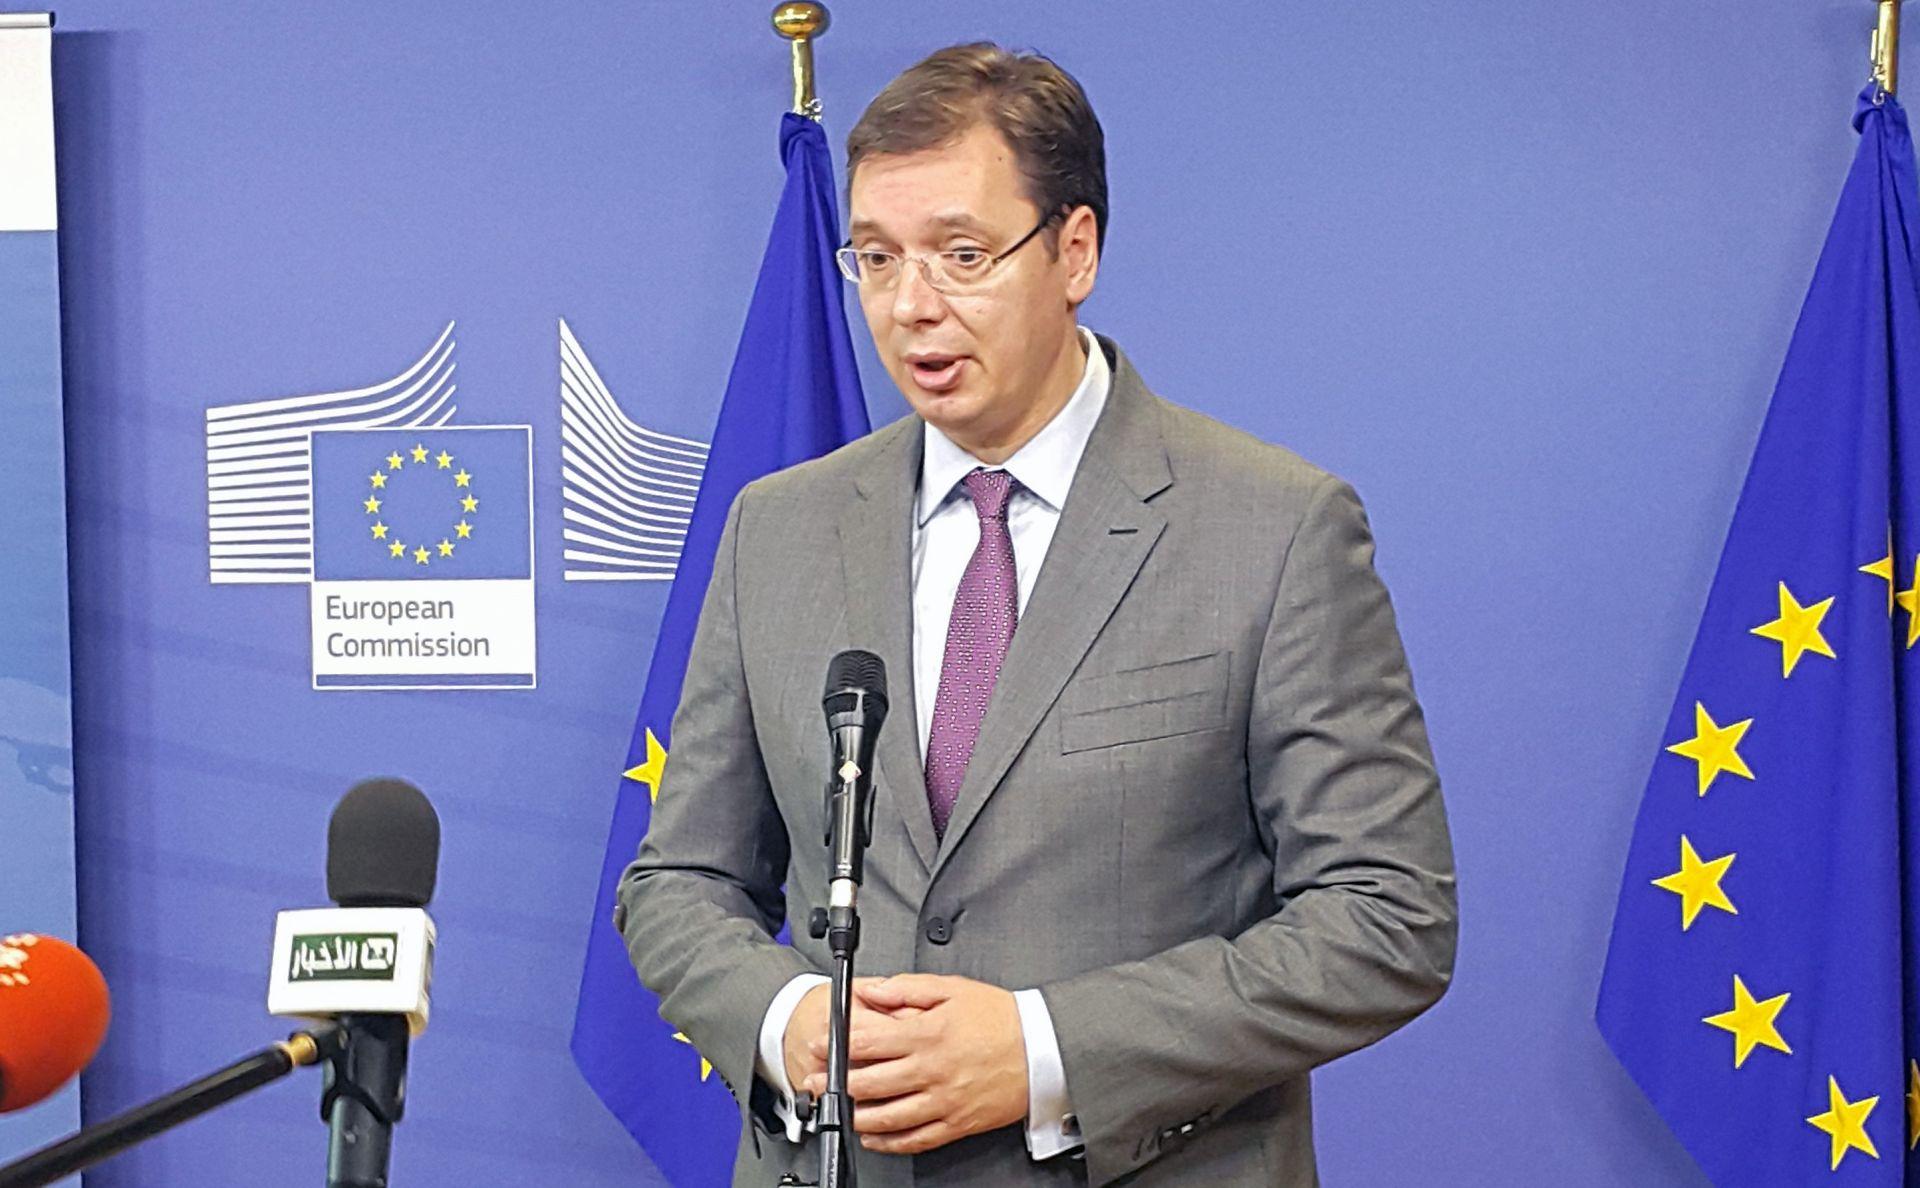 Srbijanski premijer Aleksandar Vučić čestitao Karamarku na pobjedi